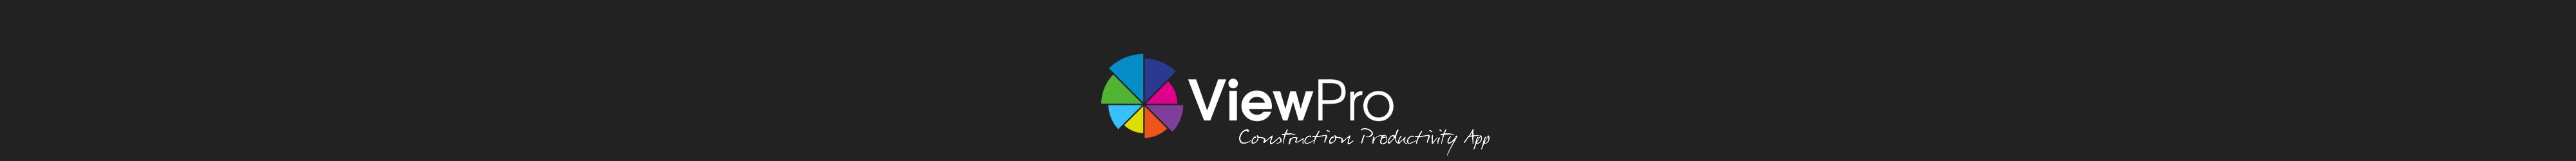 ViewPro Logo Image